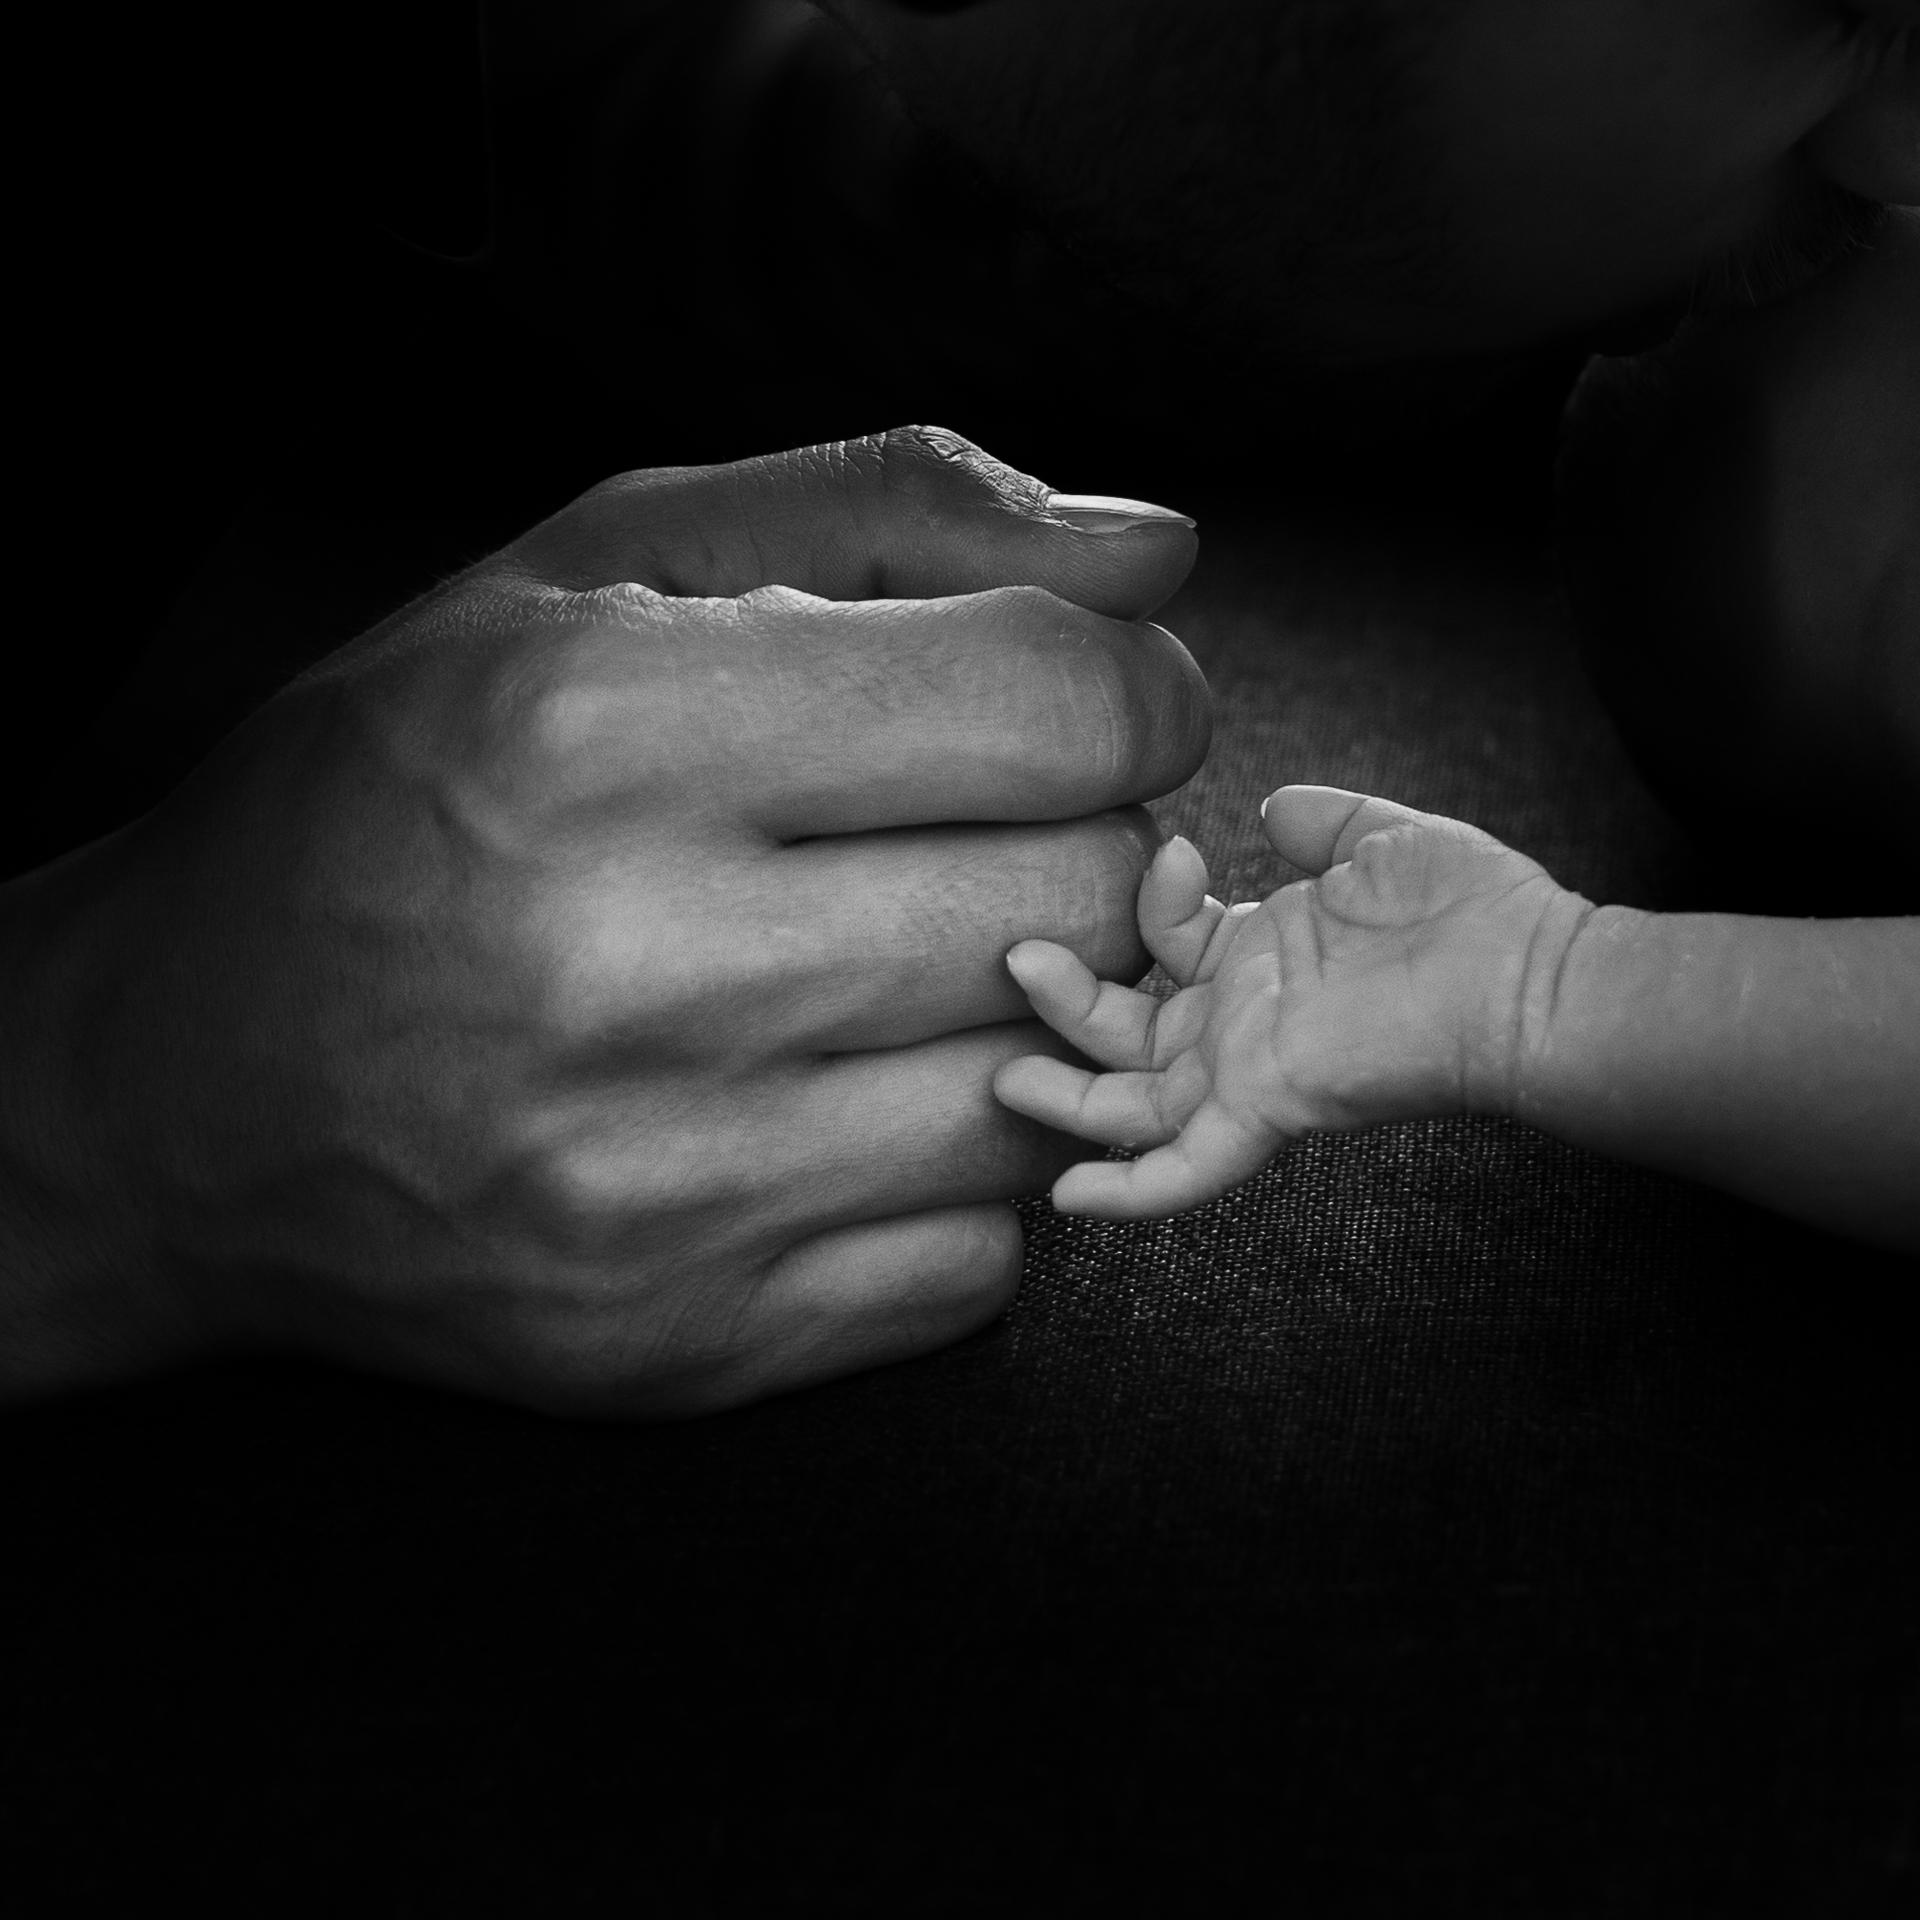 Handen van papa en pasgeboren zoon tegen elkaar